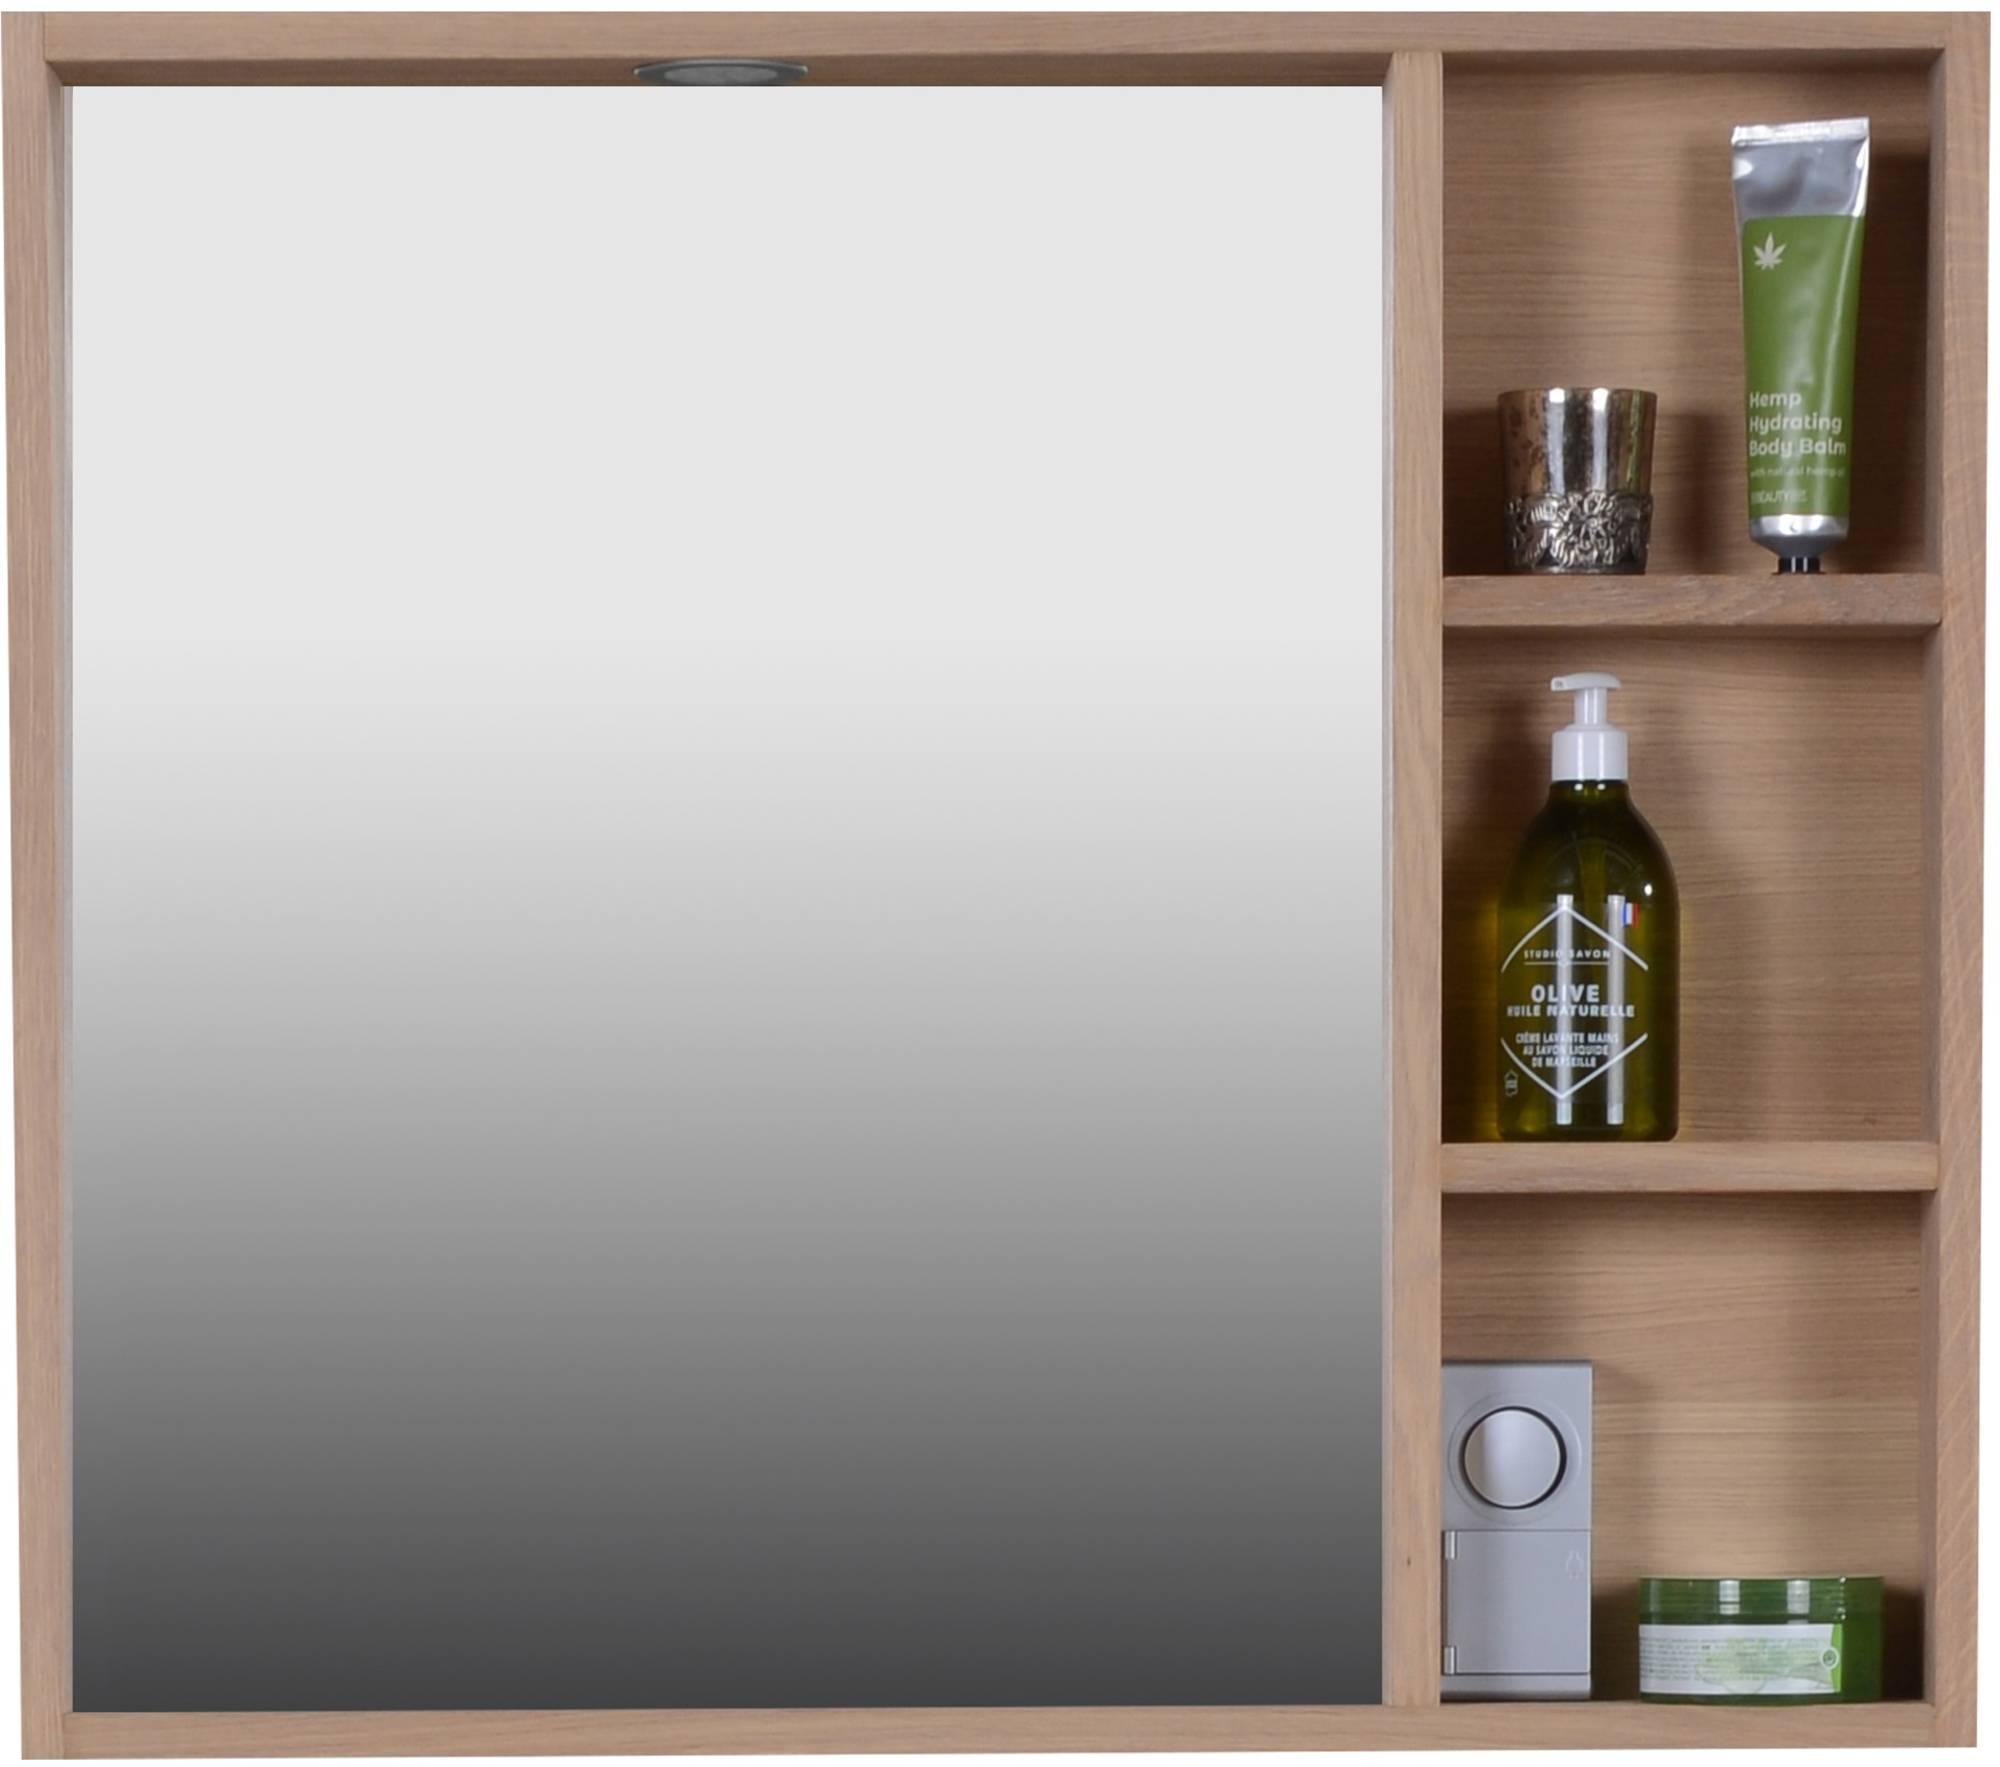 Van Heck New Country Spiegelkast met Regaal 80x12x70 cm Natural Eiken